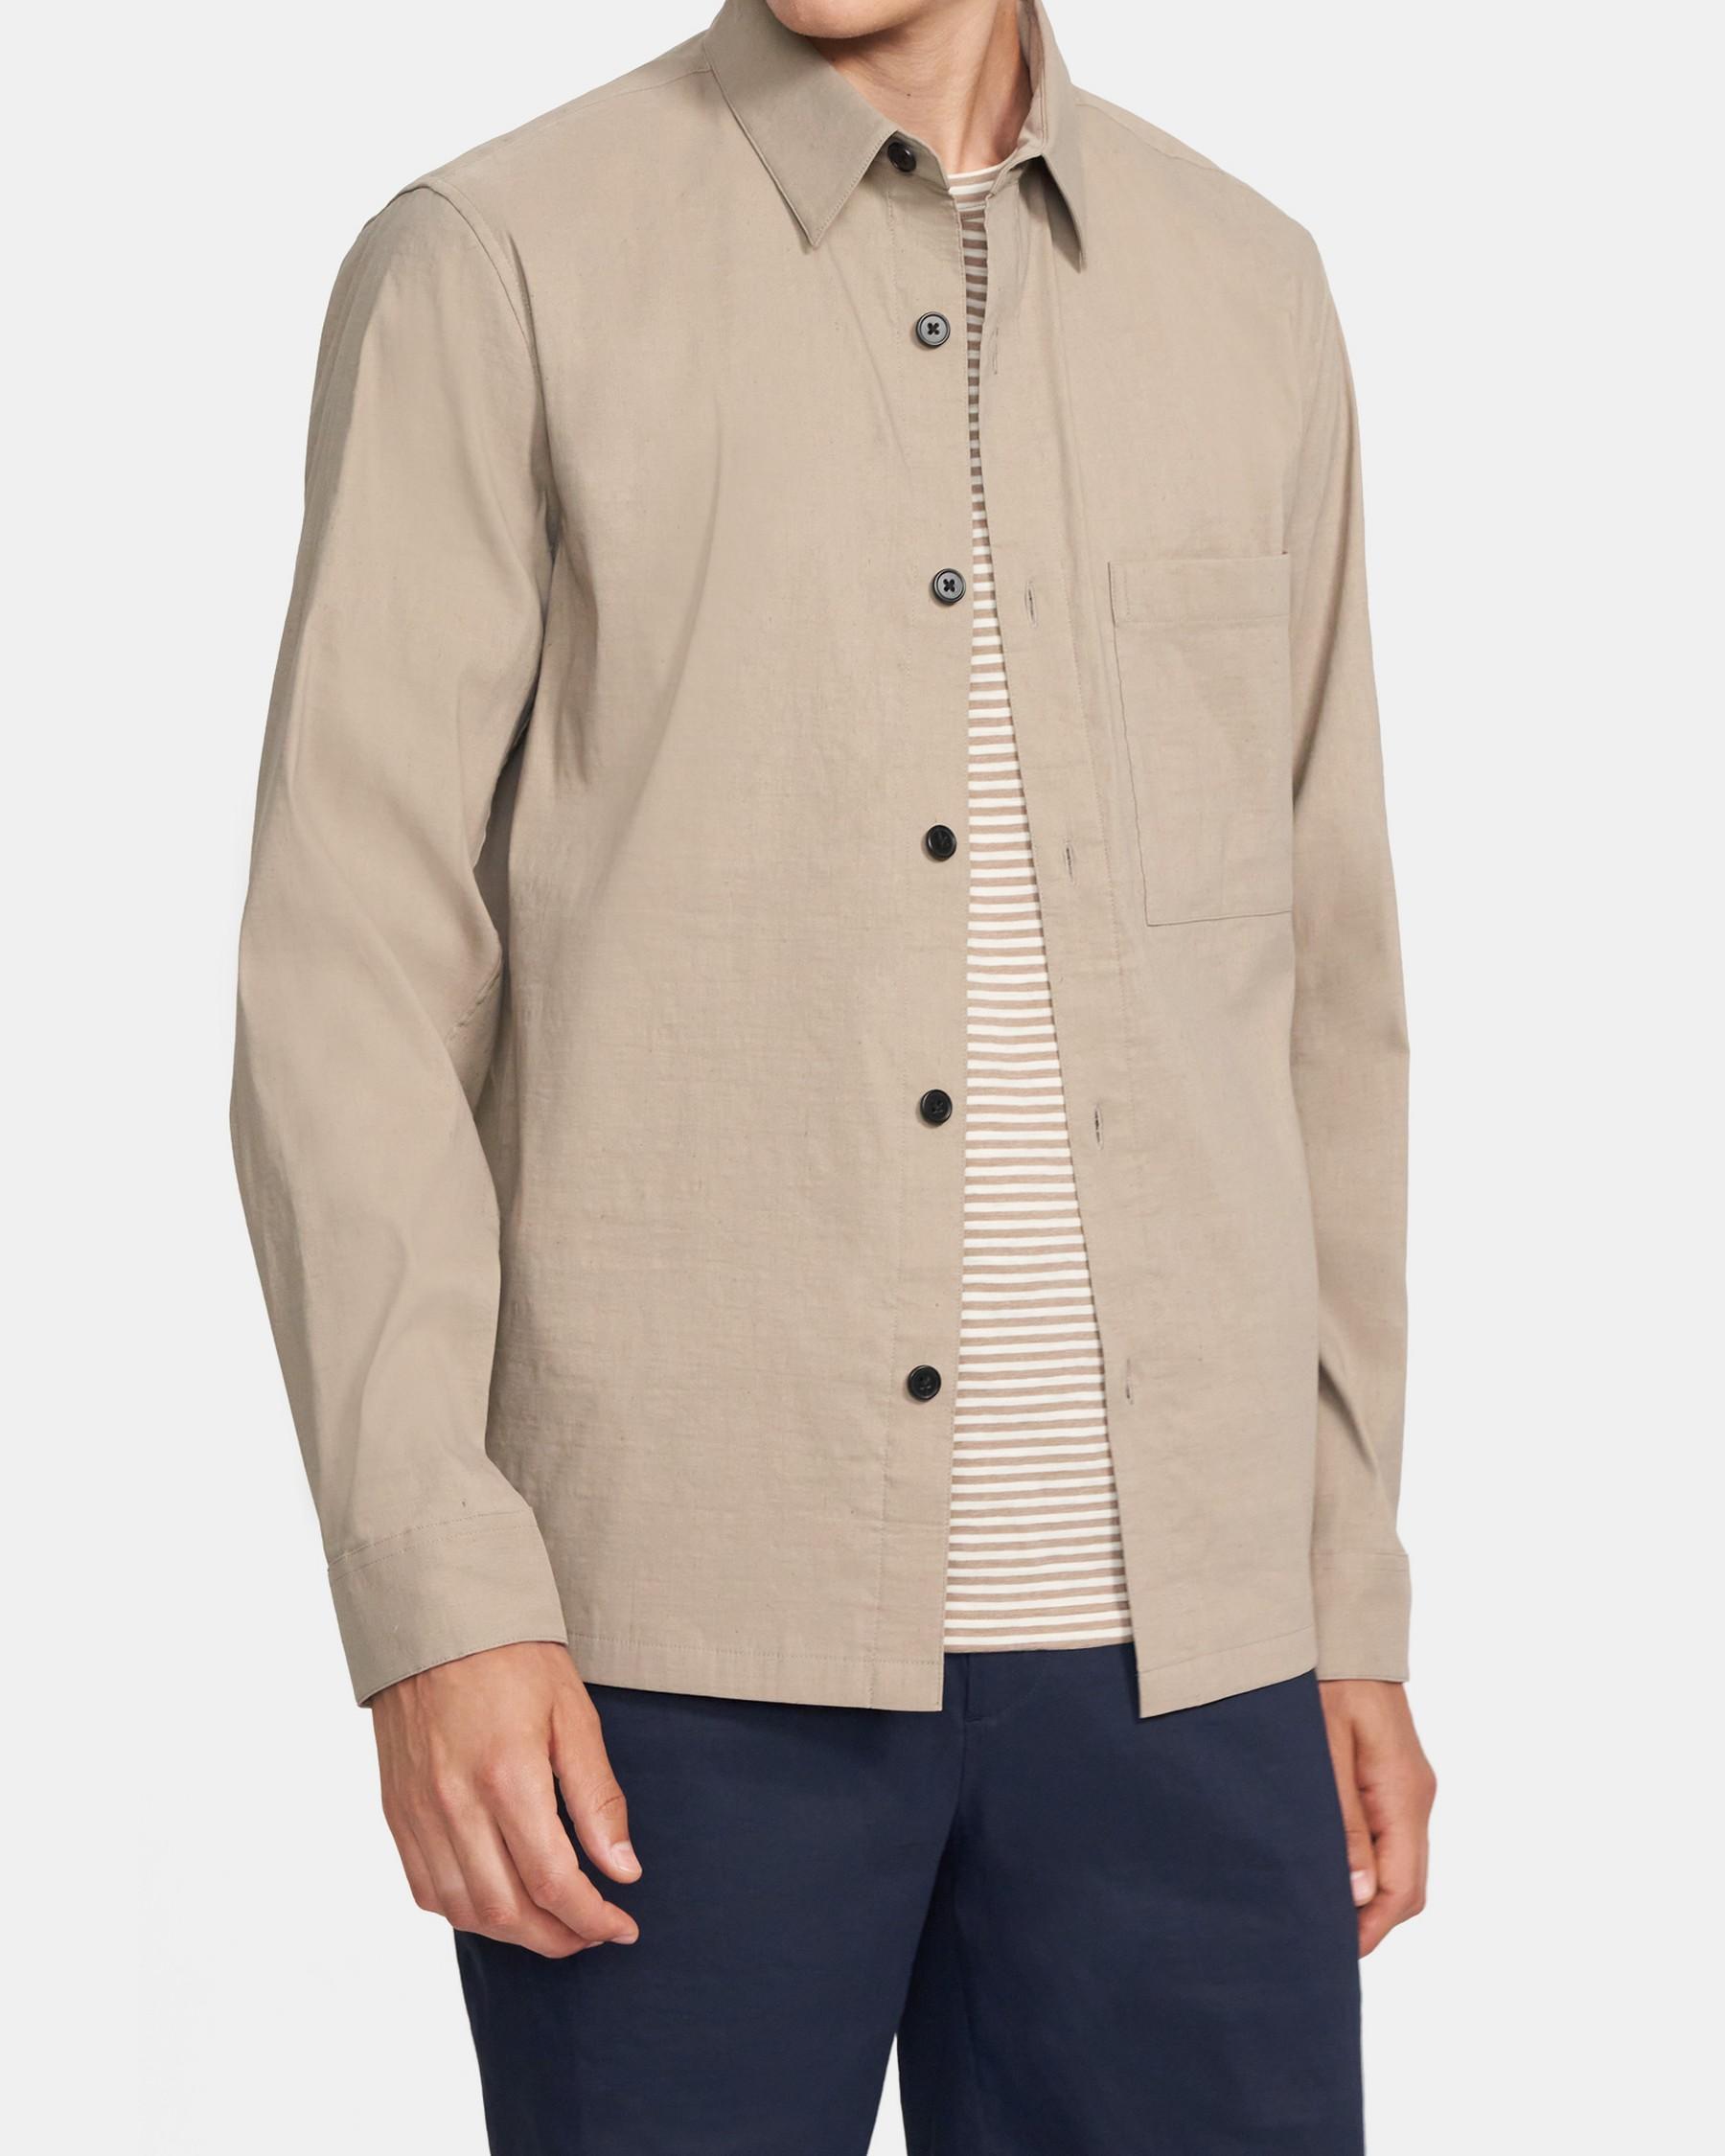 Theory Kian Shirt Jacket In Tech Linen